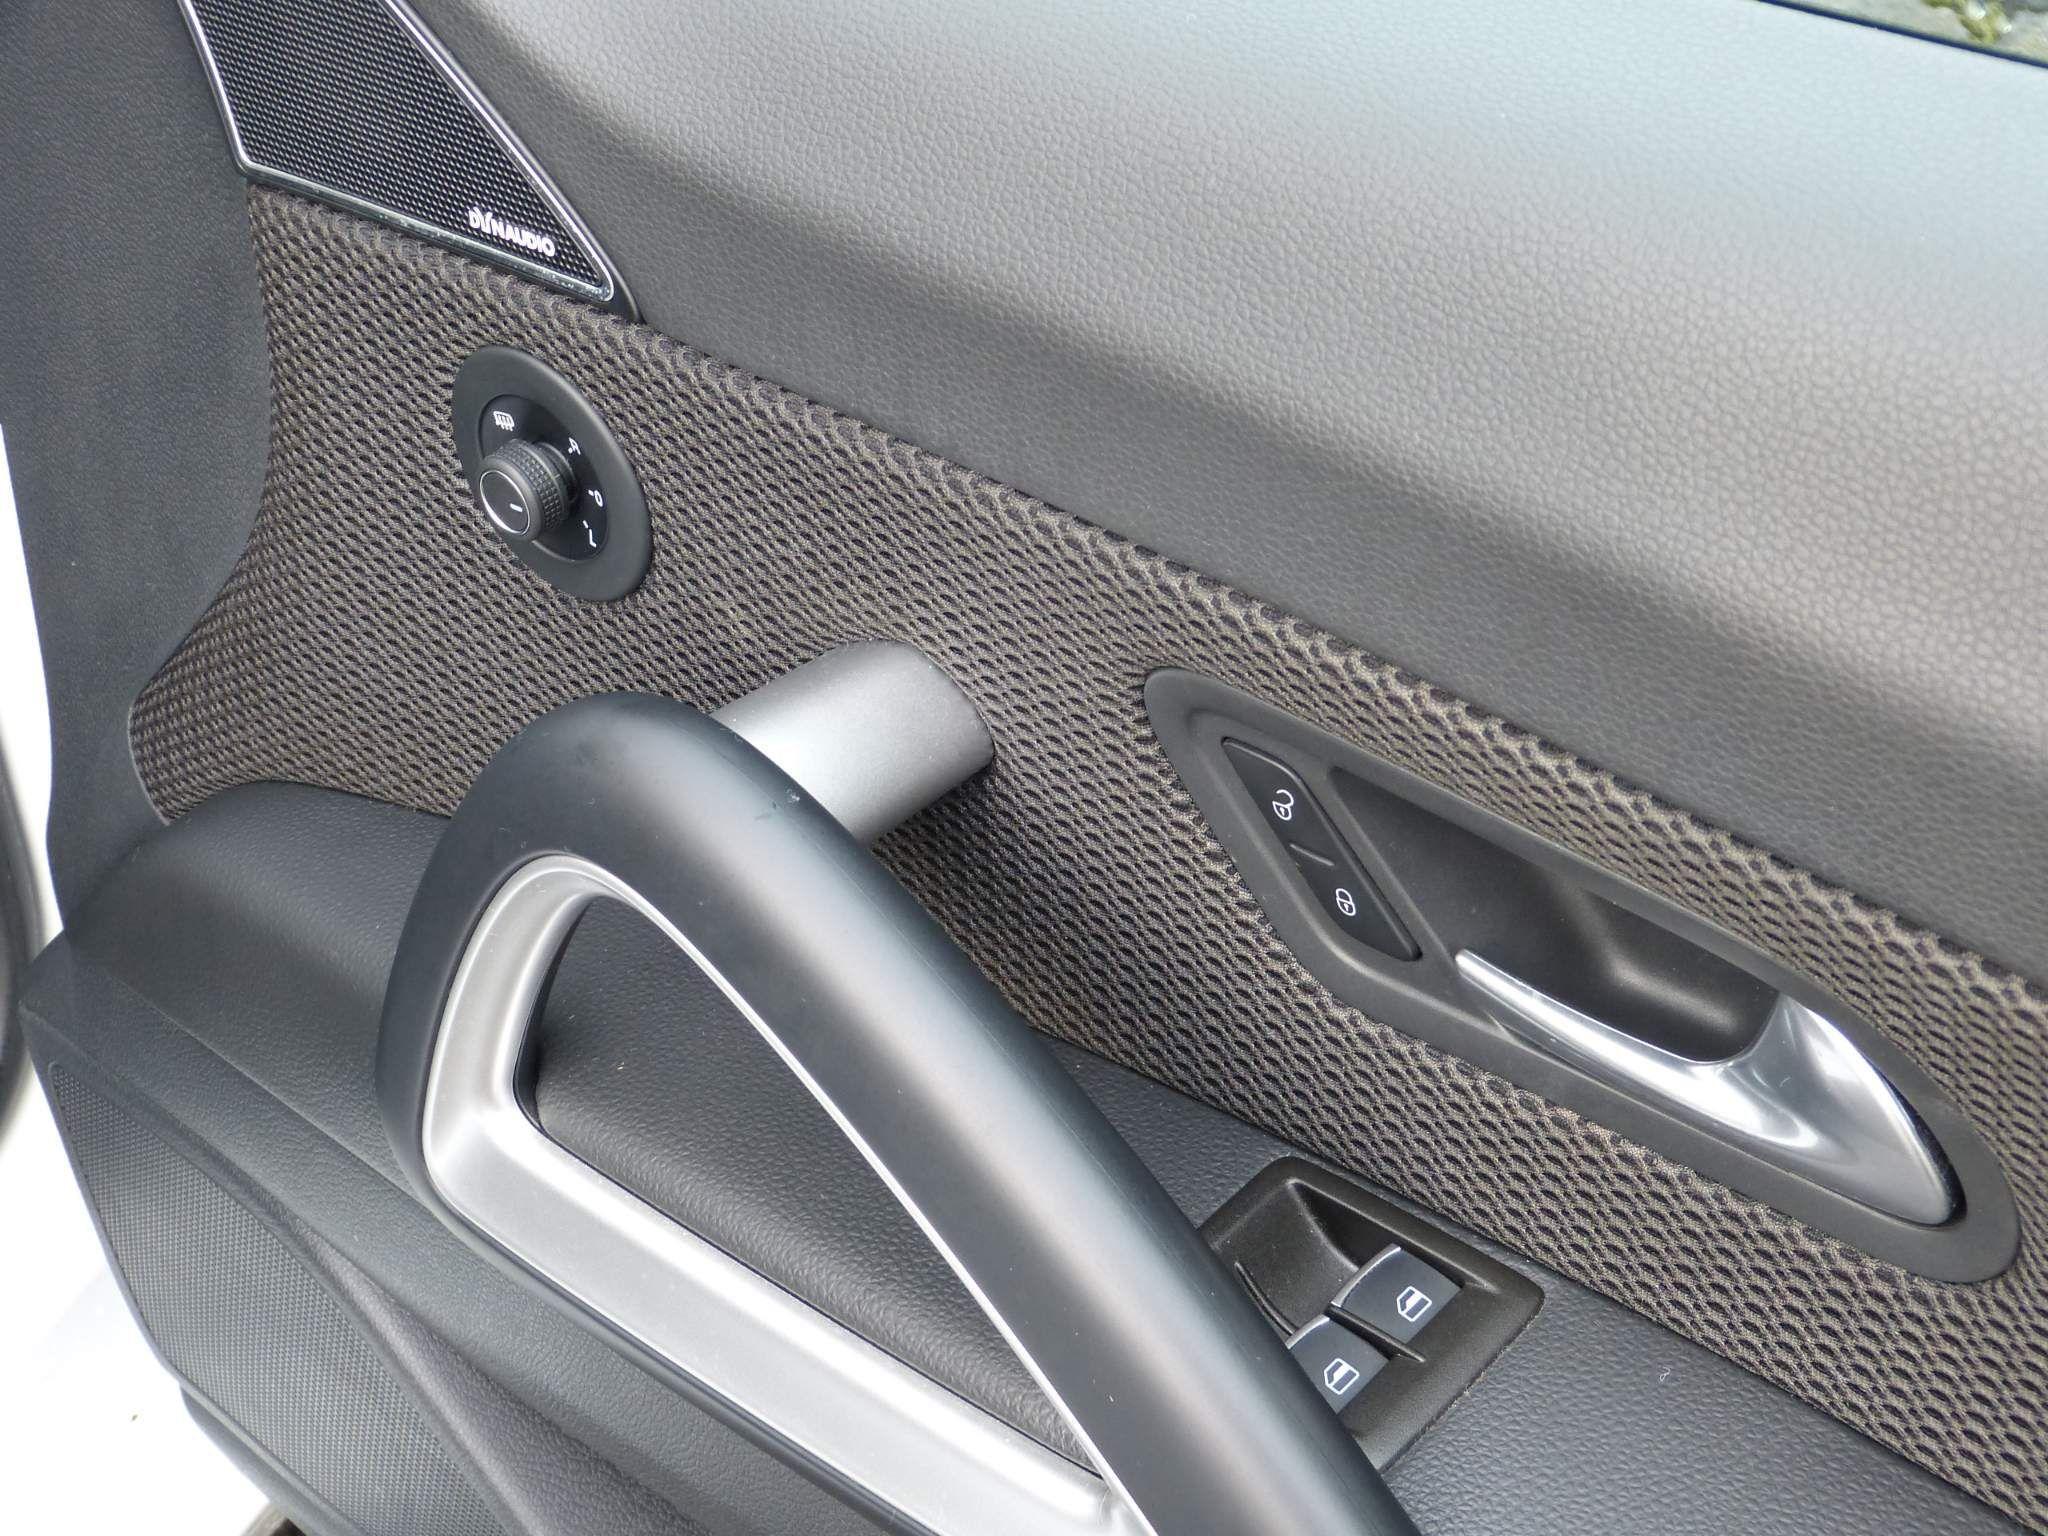 2017 VOLKSWAGEN Scirocco 2.0 TDI GT Hatchback (s/s) Diesel Manual  – Beechlawn Motors Belfast full